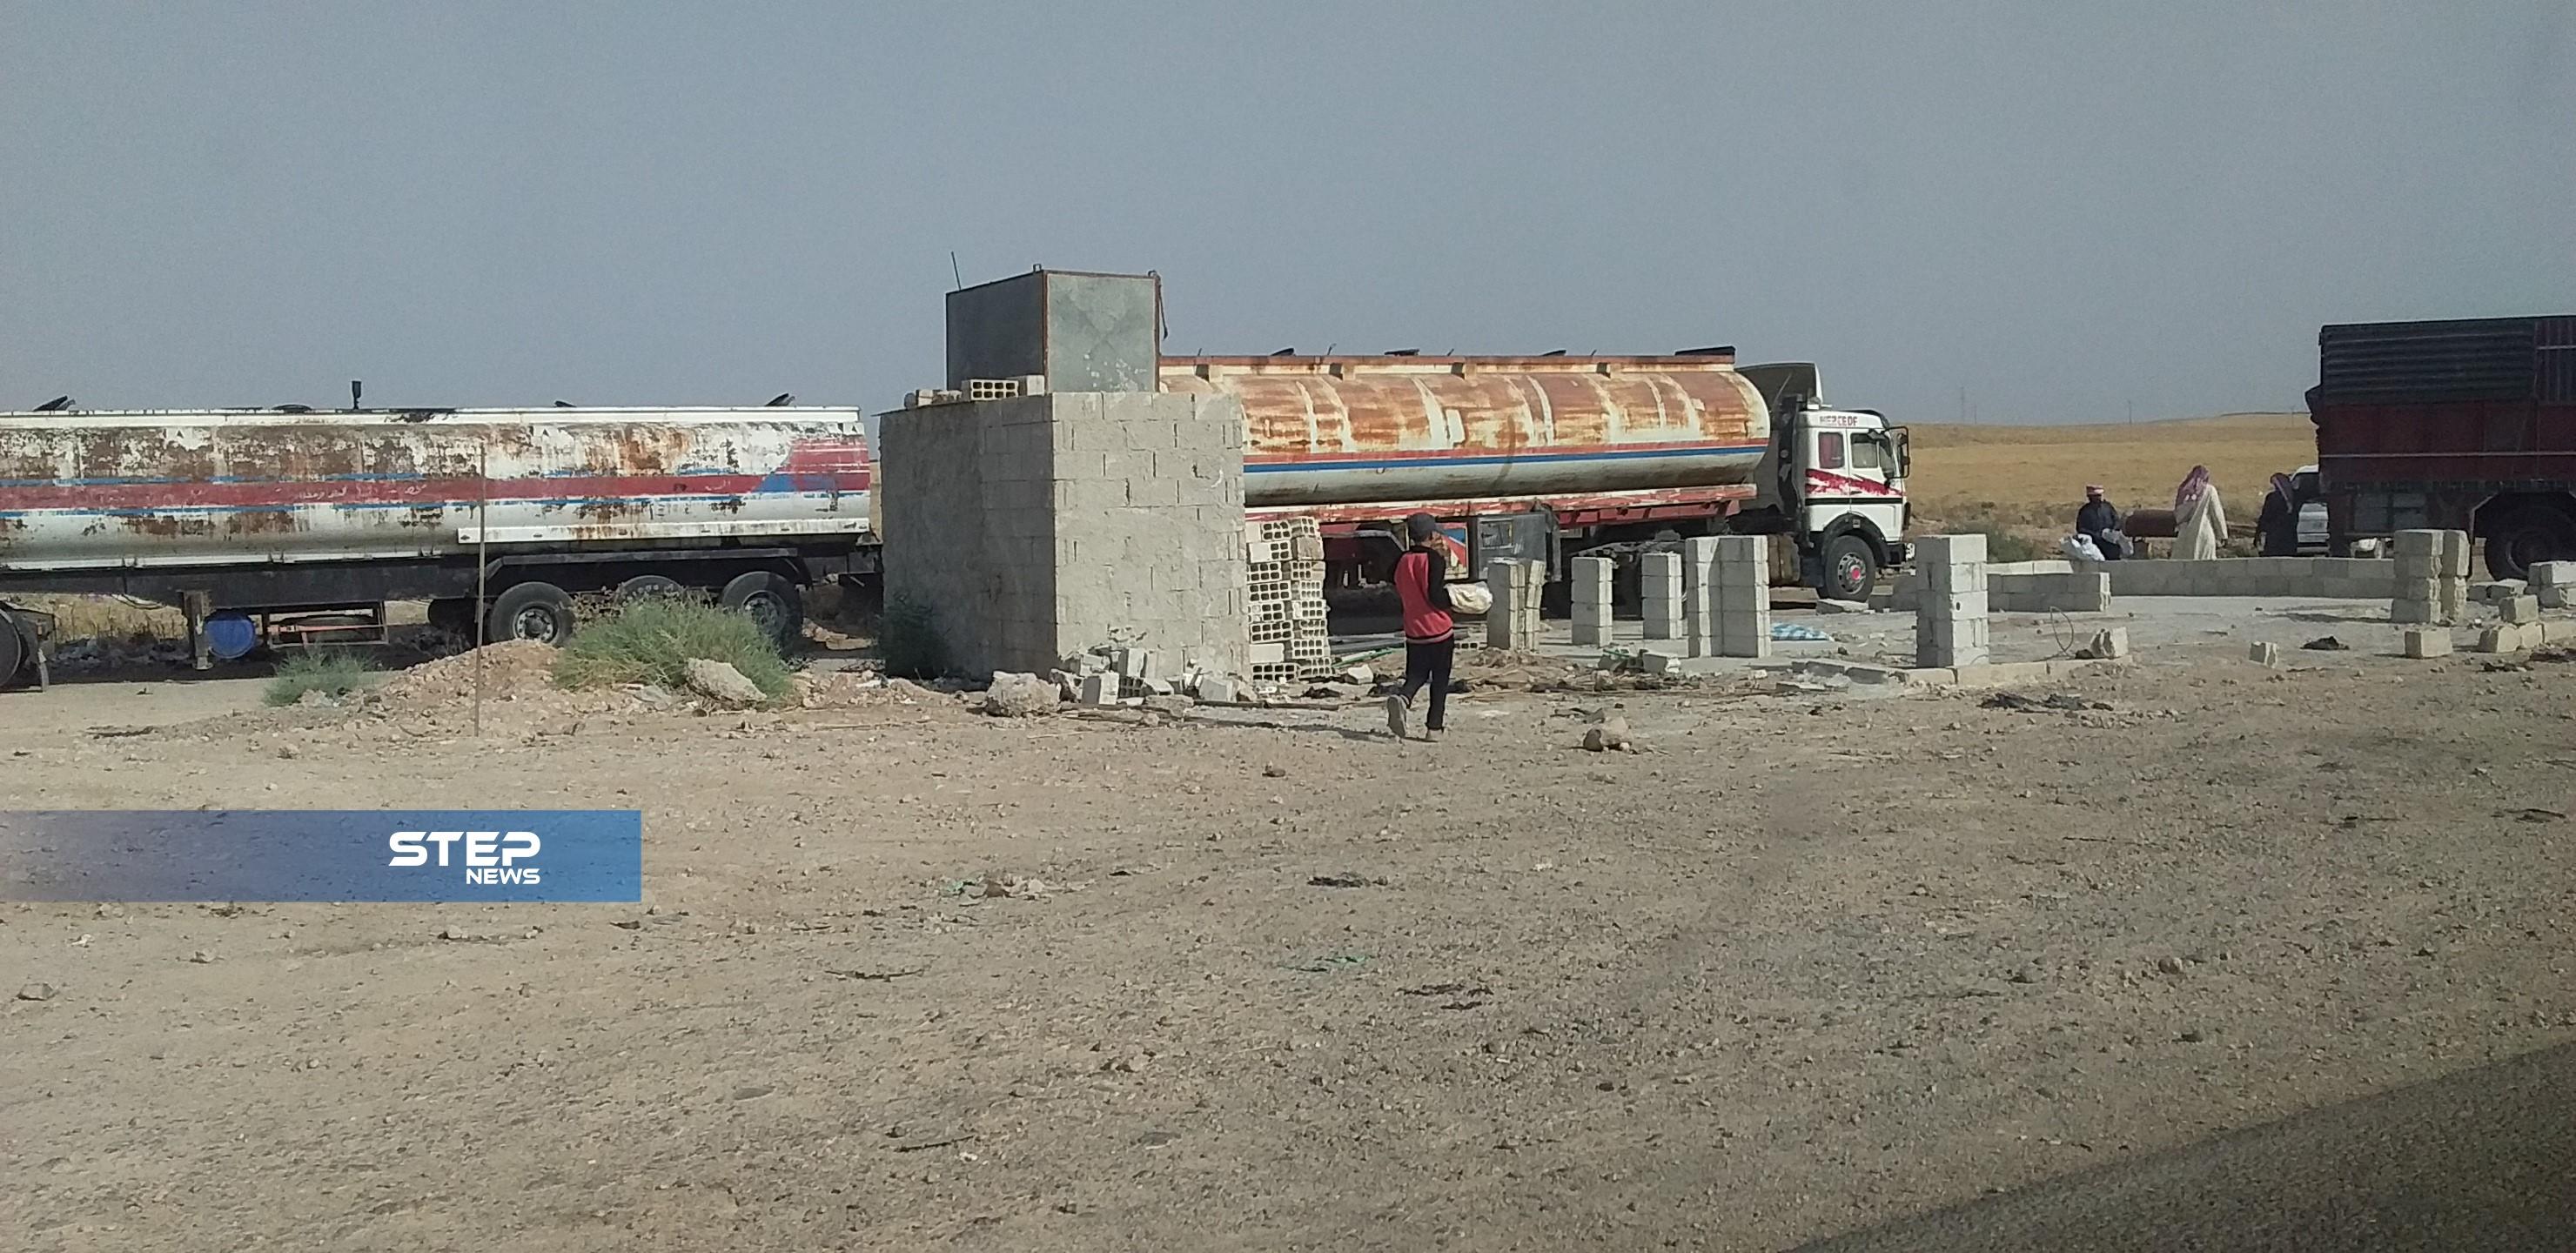 شاهد بالصور: قسد توقف صهاريج نقل المحروقات بريف الرقة وتمنع أصحابها من العمل، والسبب!!